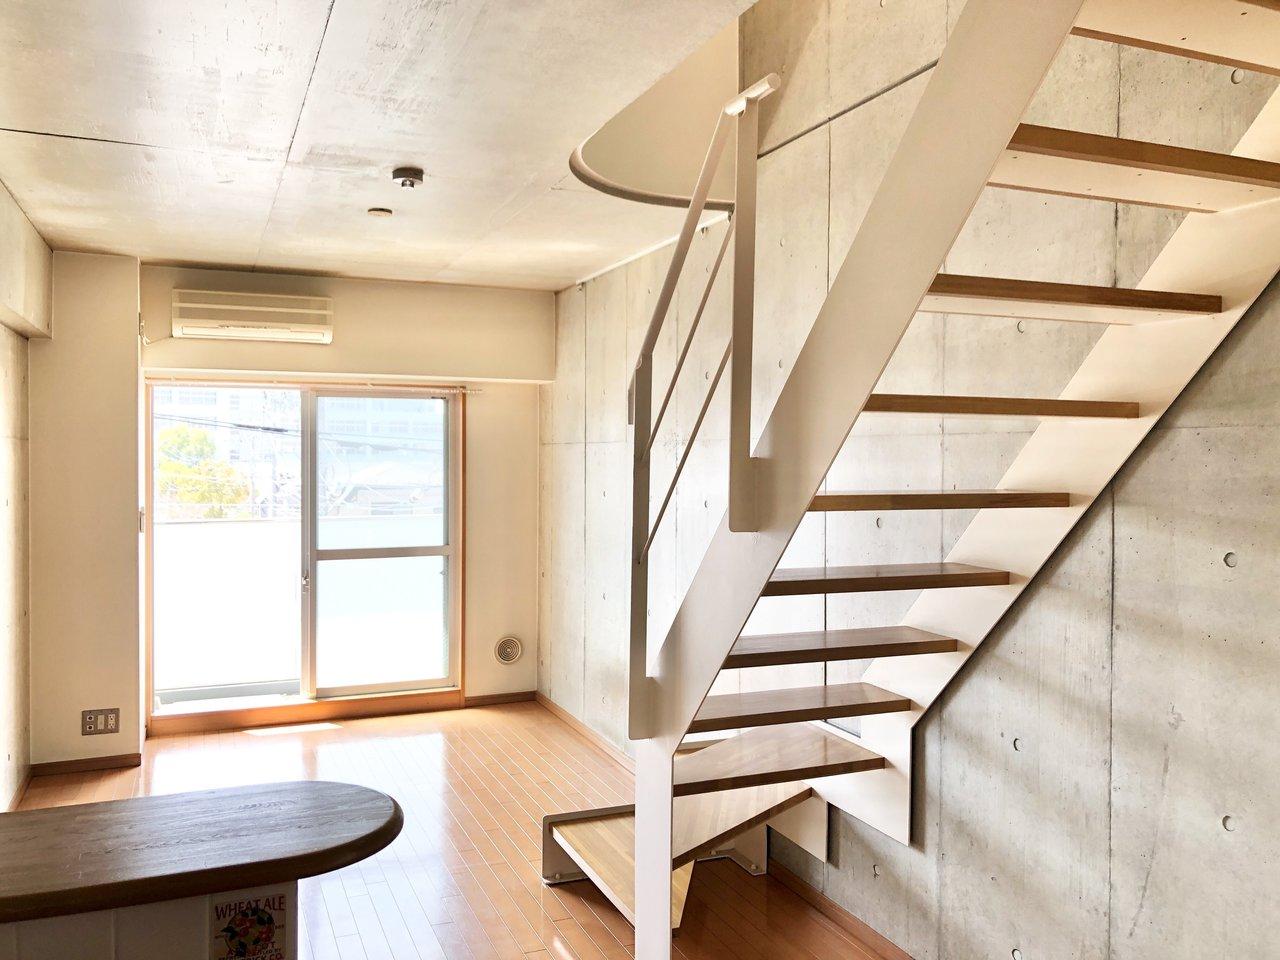 江戸川区の一之江駅から徒歩4分のお部屋です。こちらはメゾネットタイプになっていて、リビングと寝室が共に十分な広さが確保されています。